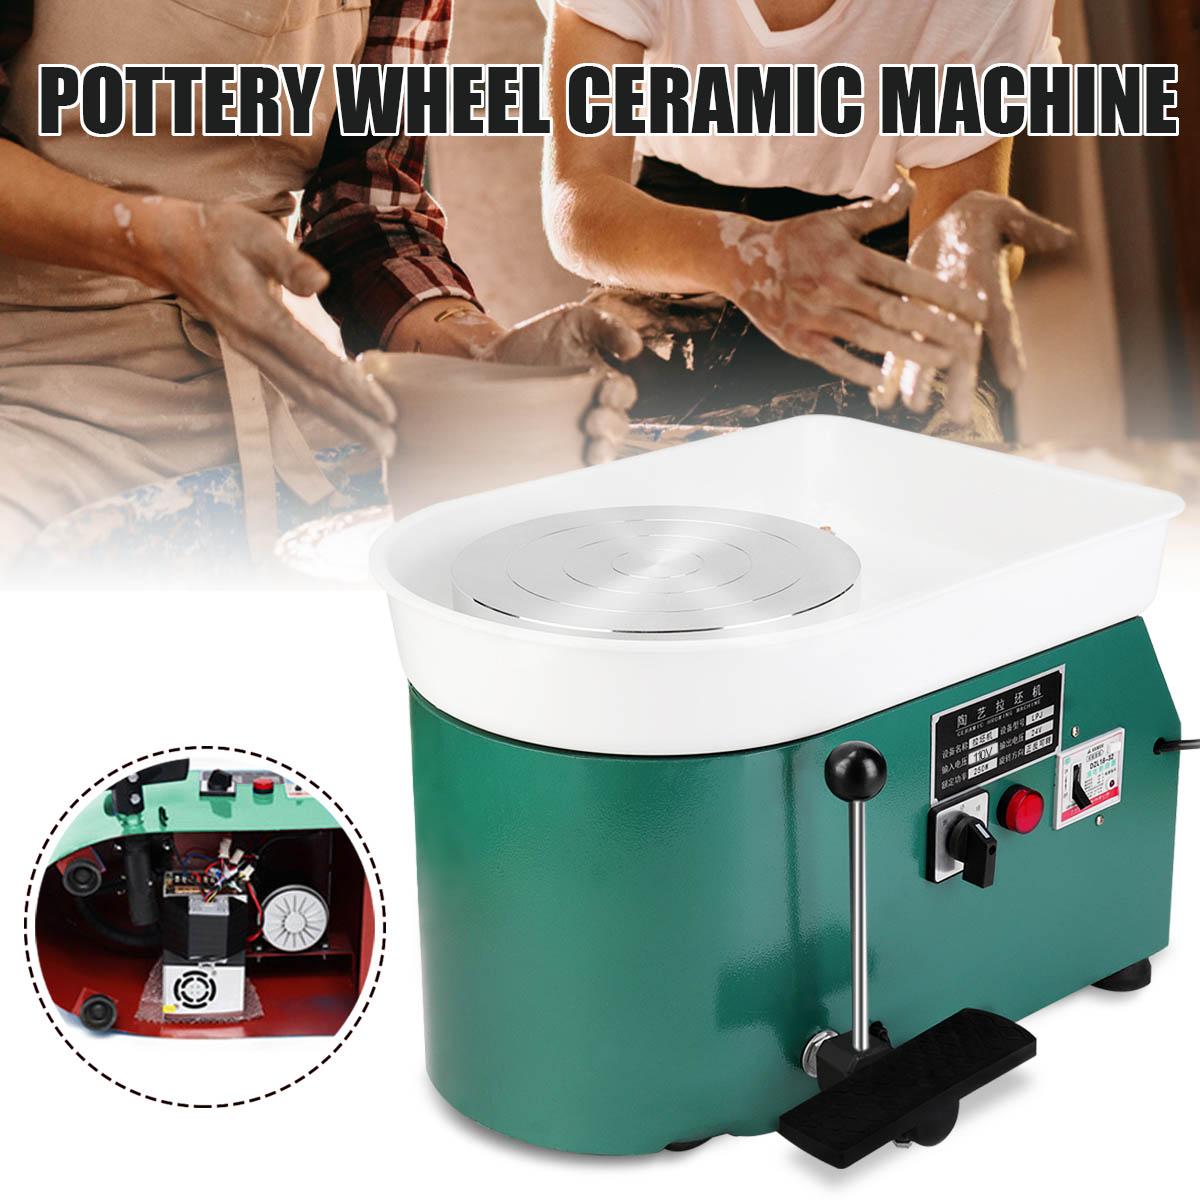 Poterie formant la Machine 250 W 110 V vert électrique poterie roue Machine accessoire céramique argile outil pied pédale Art artisanat